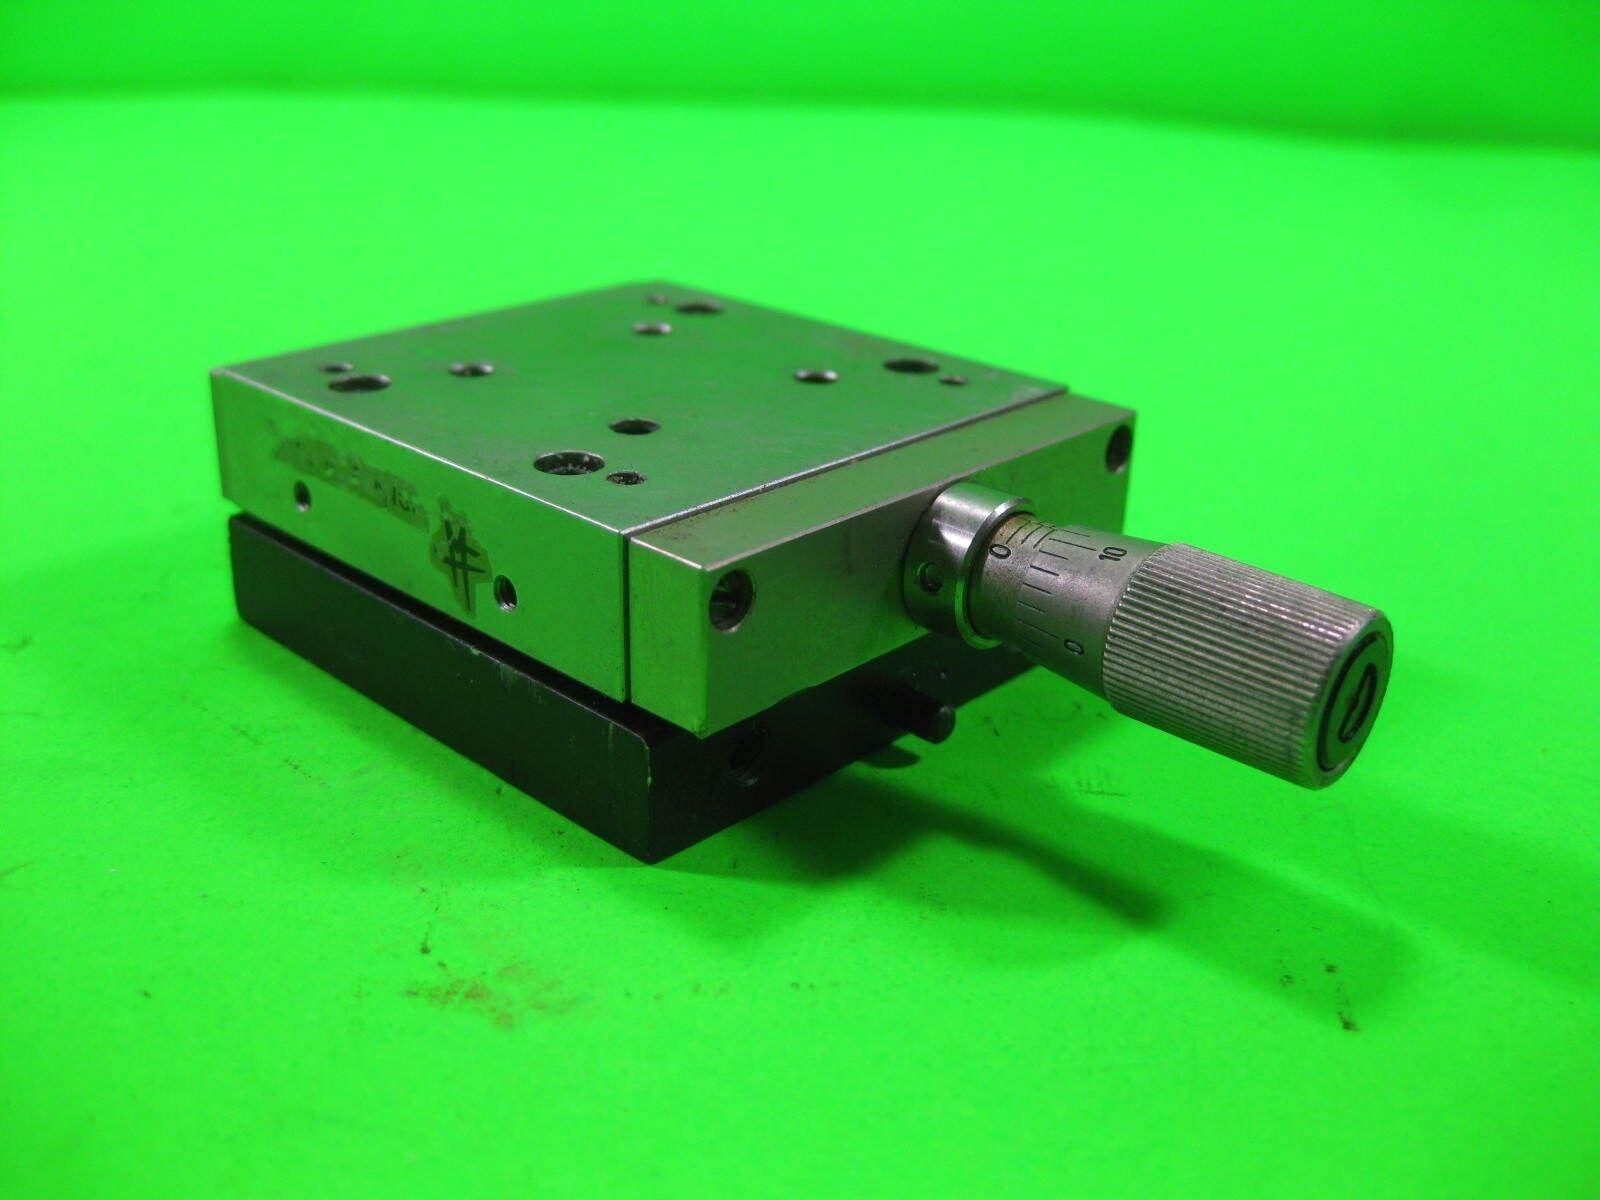 Klinger Scientific Miro Contrôle 2cm Scène 5cm X 5cm 2 Trous 2cm Contrôle Utilisé 288297